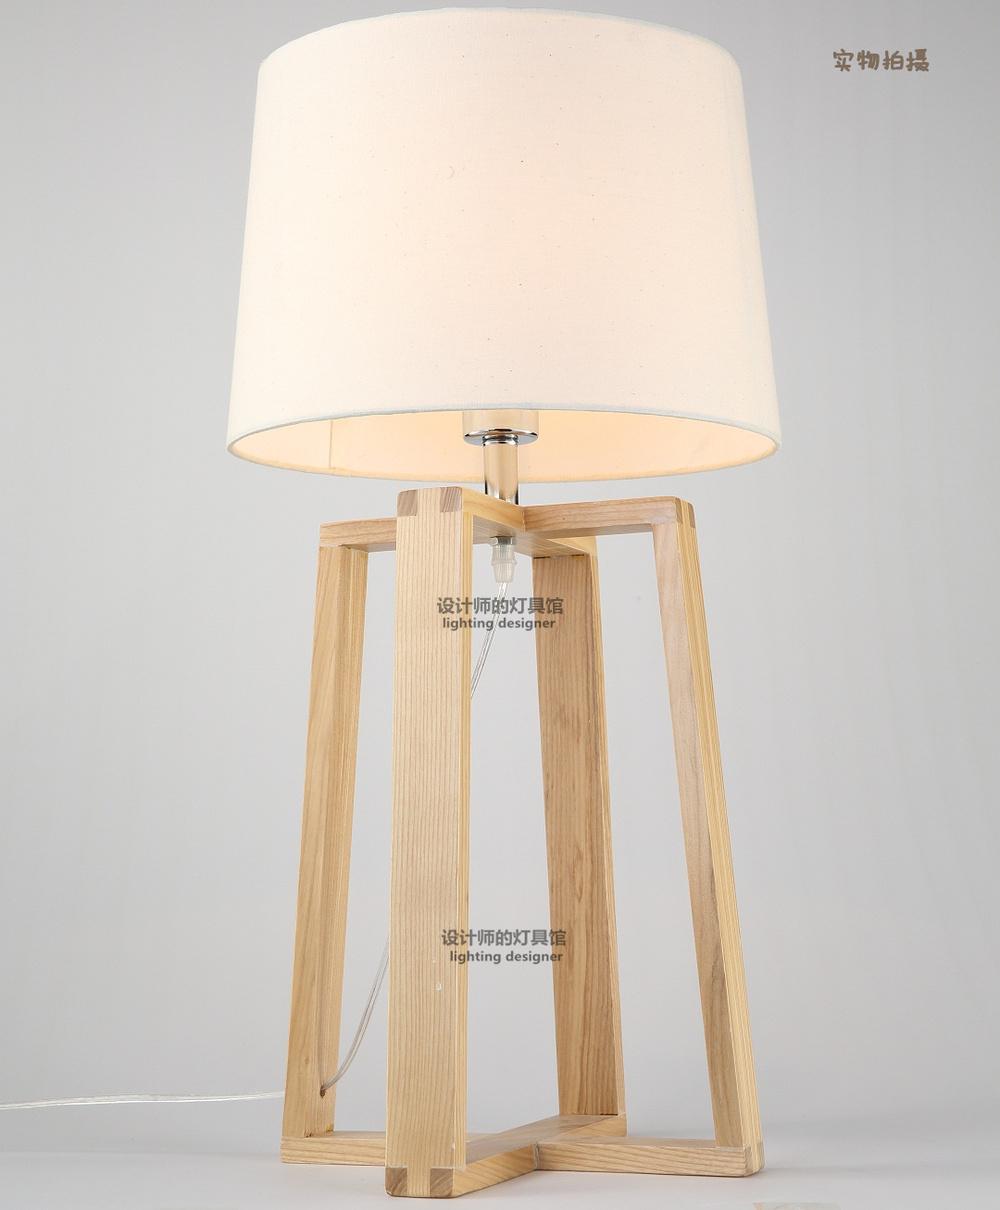 Lampe De Chevet Bois Ikea Idée De Luminaire Et Lampe Maison